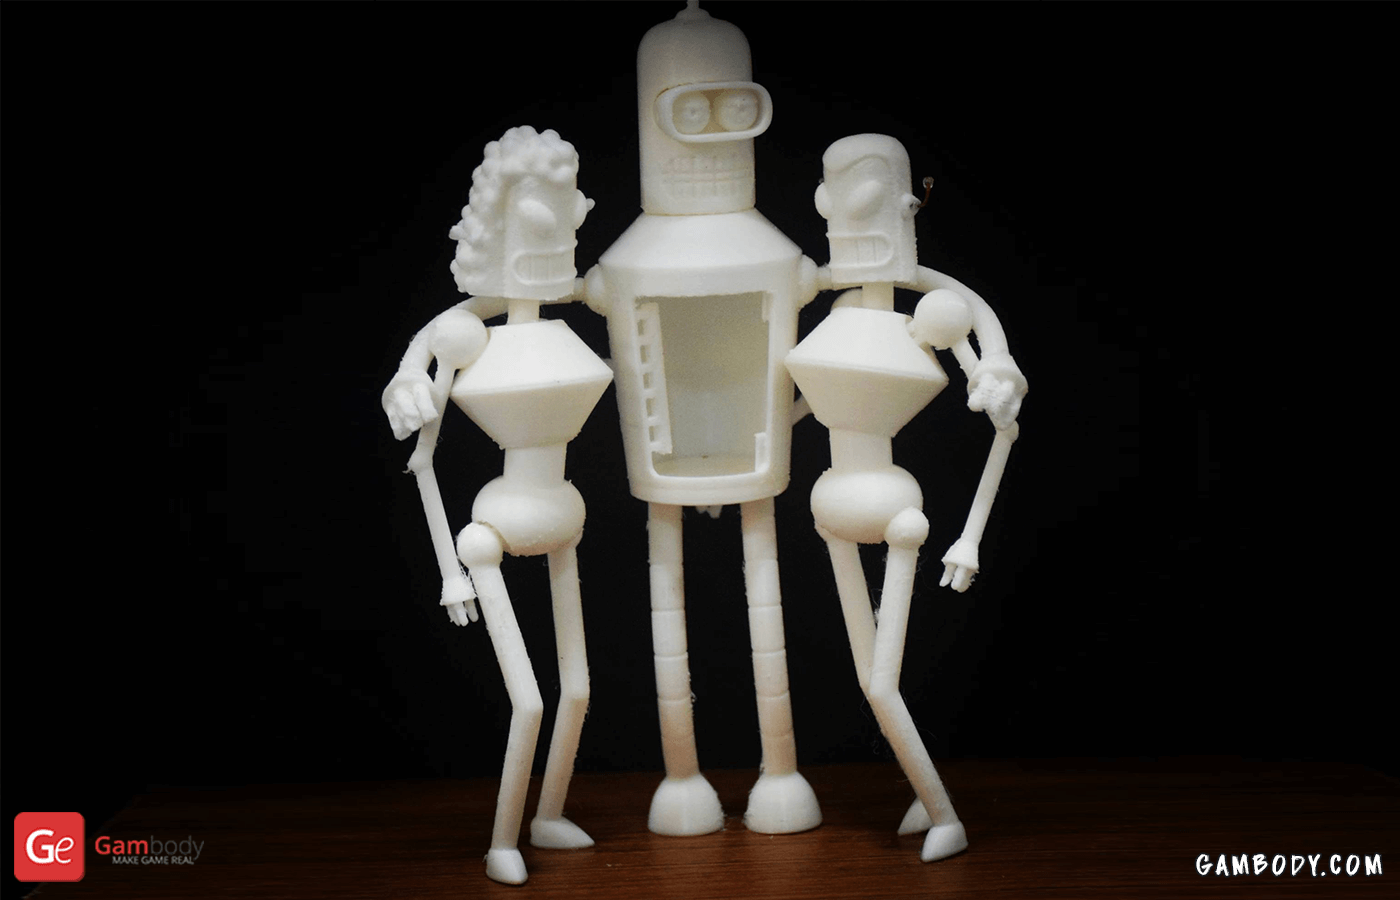 Bender 3D Printing Figurine